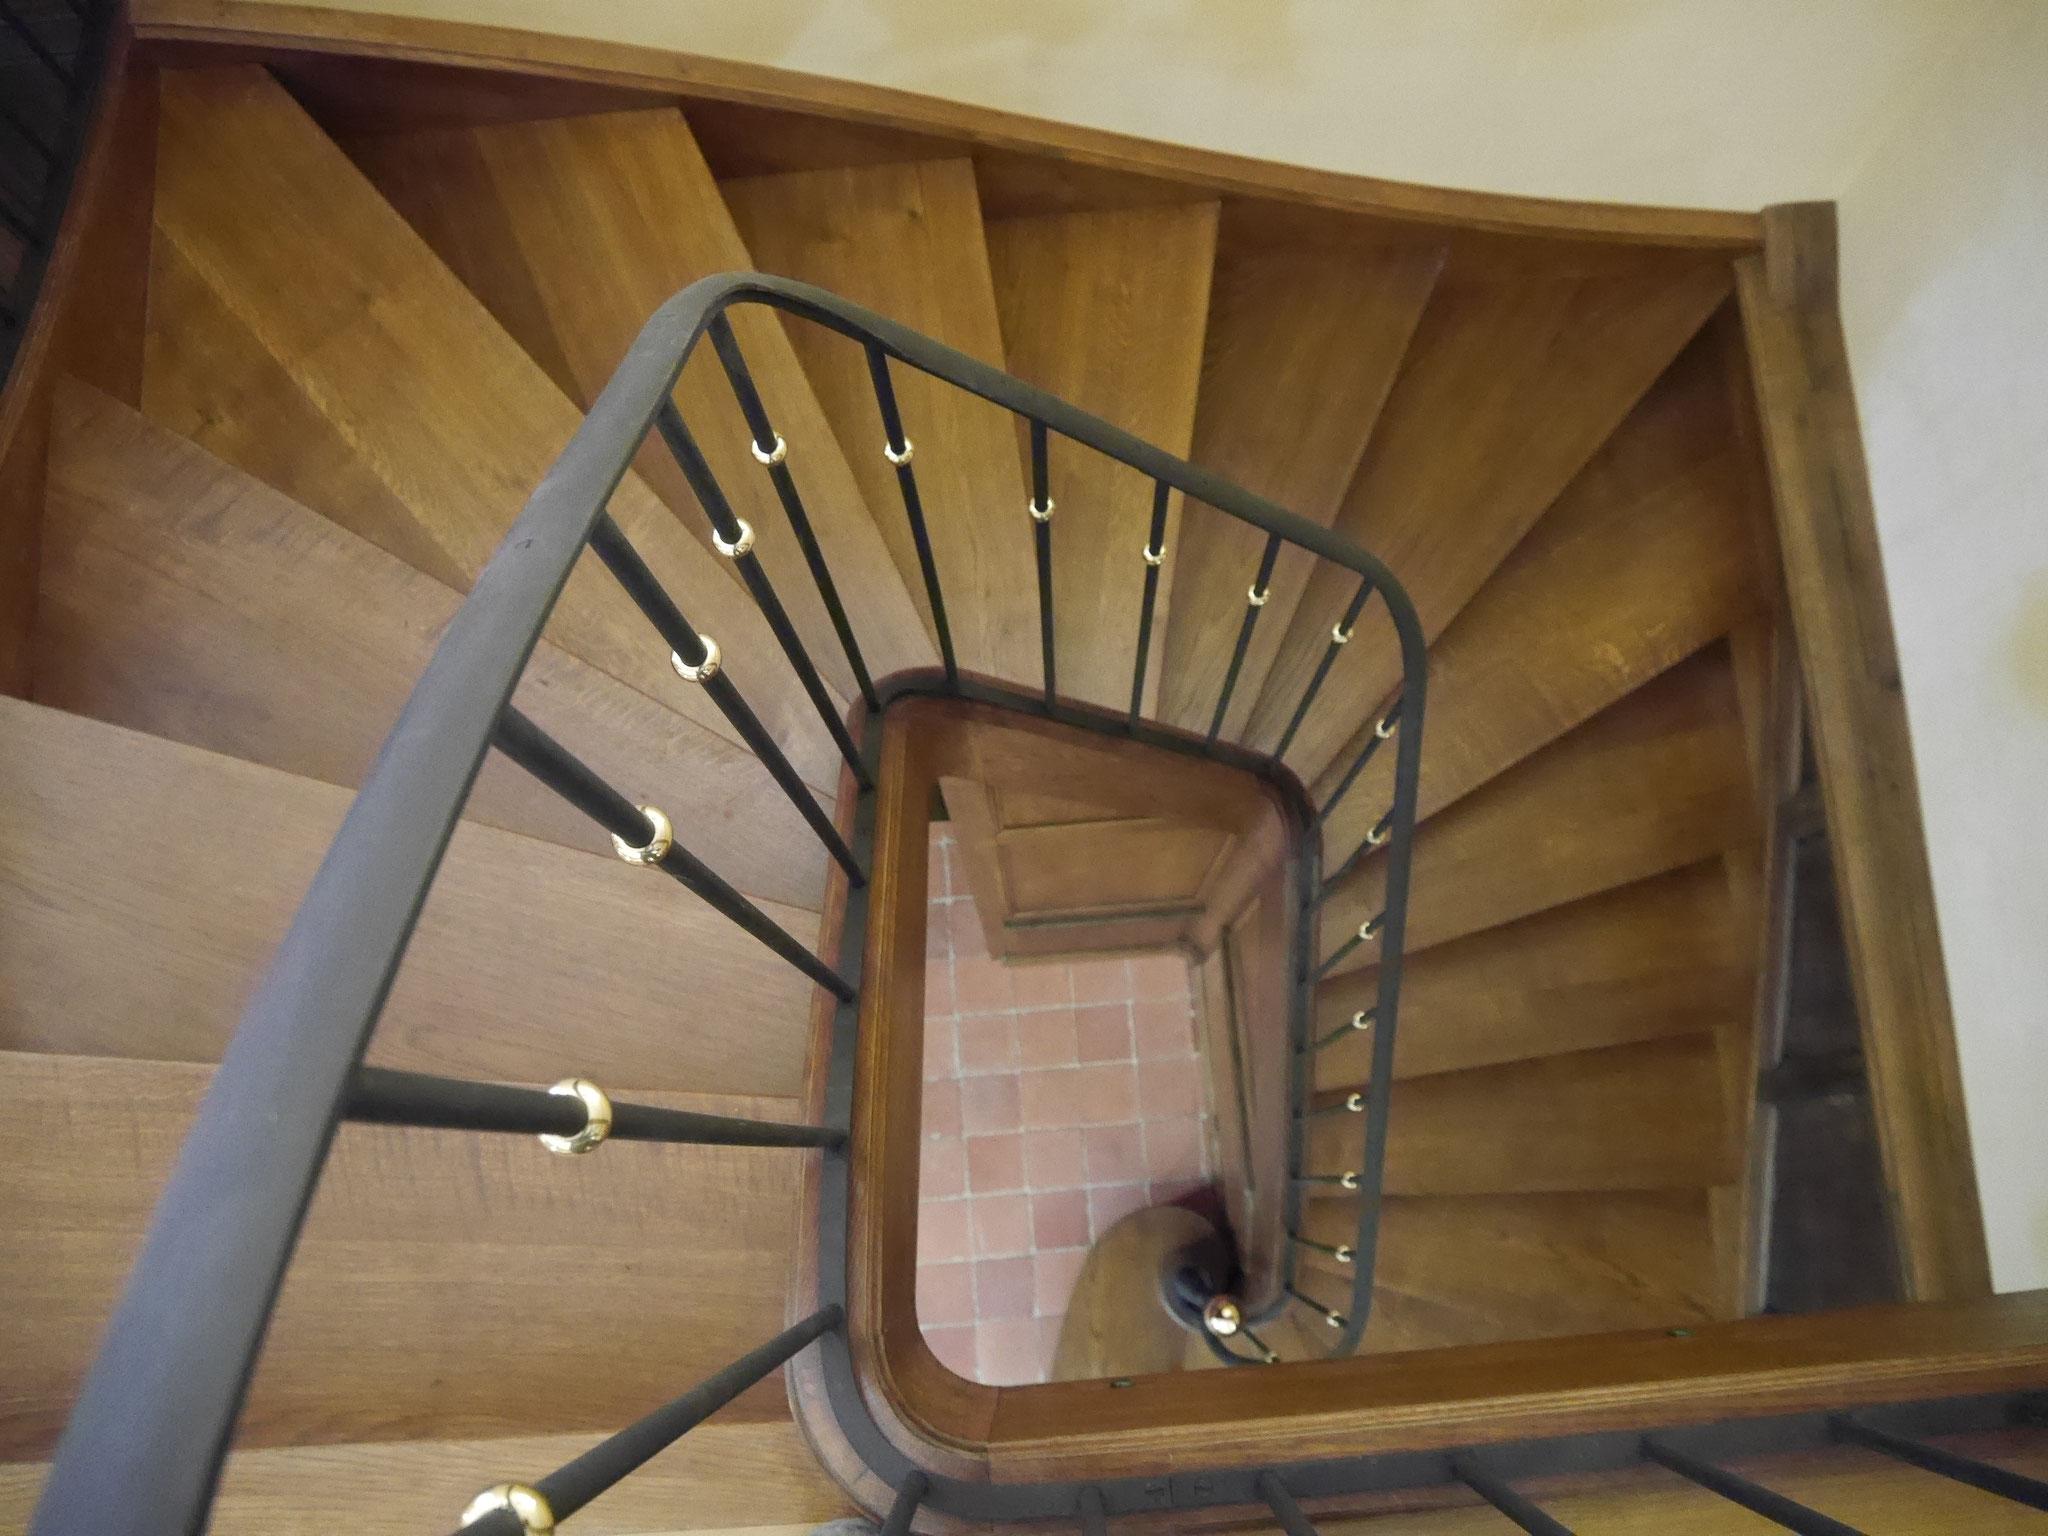 Escalier d'accès aux tribunes - Clichy sous bois